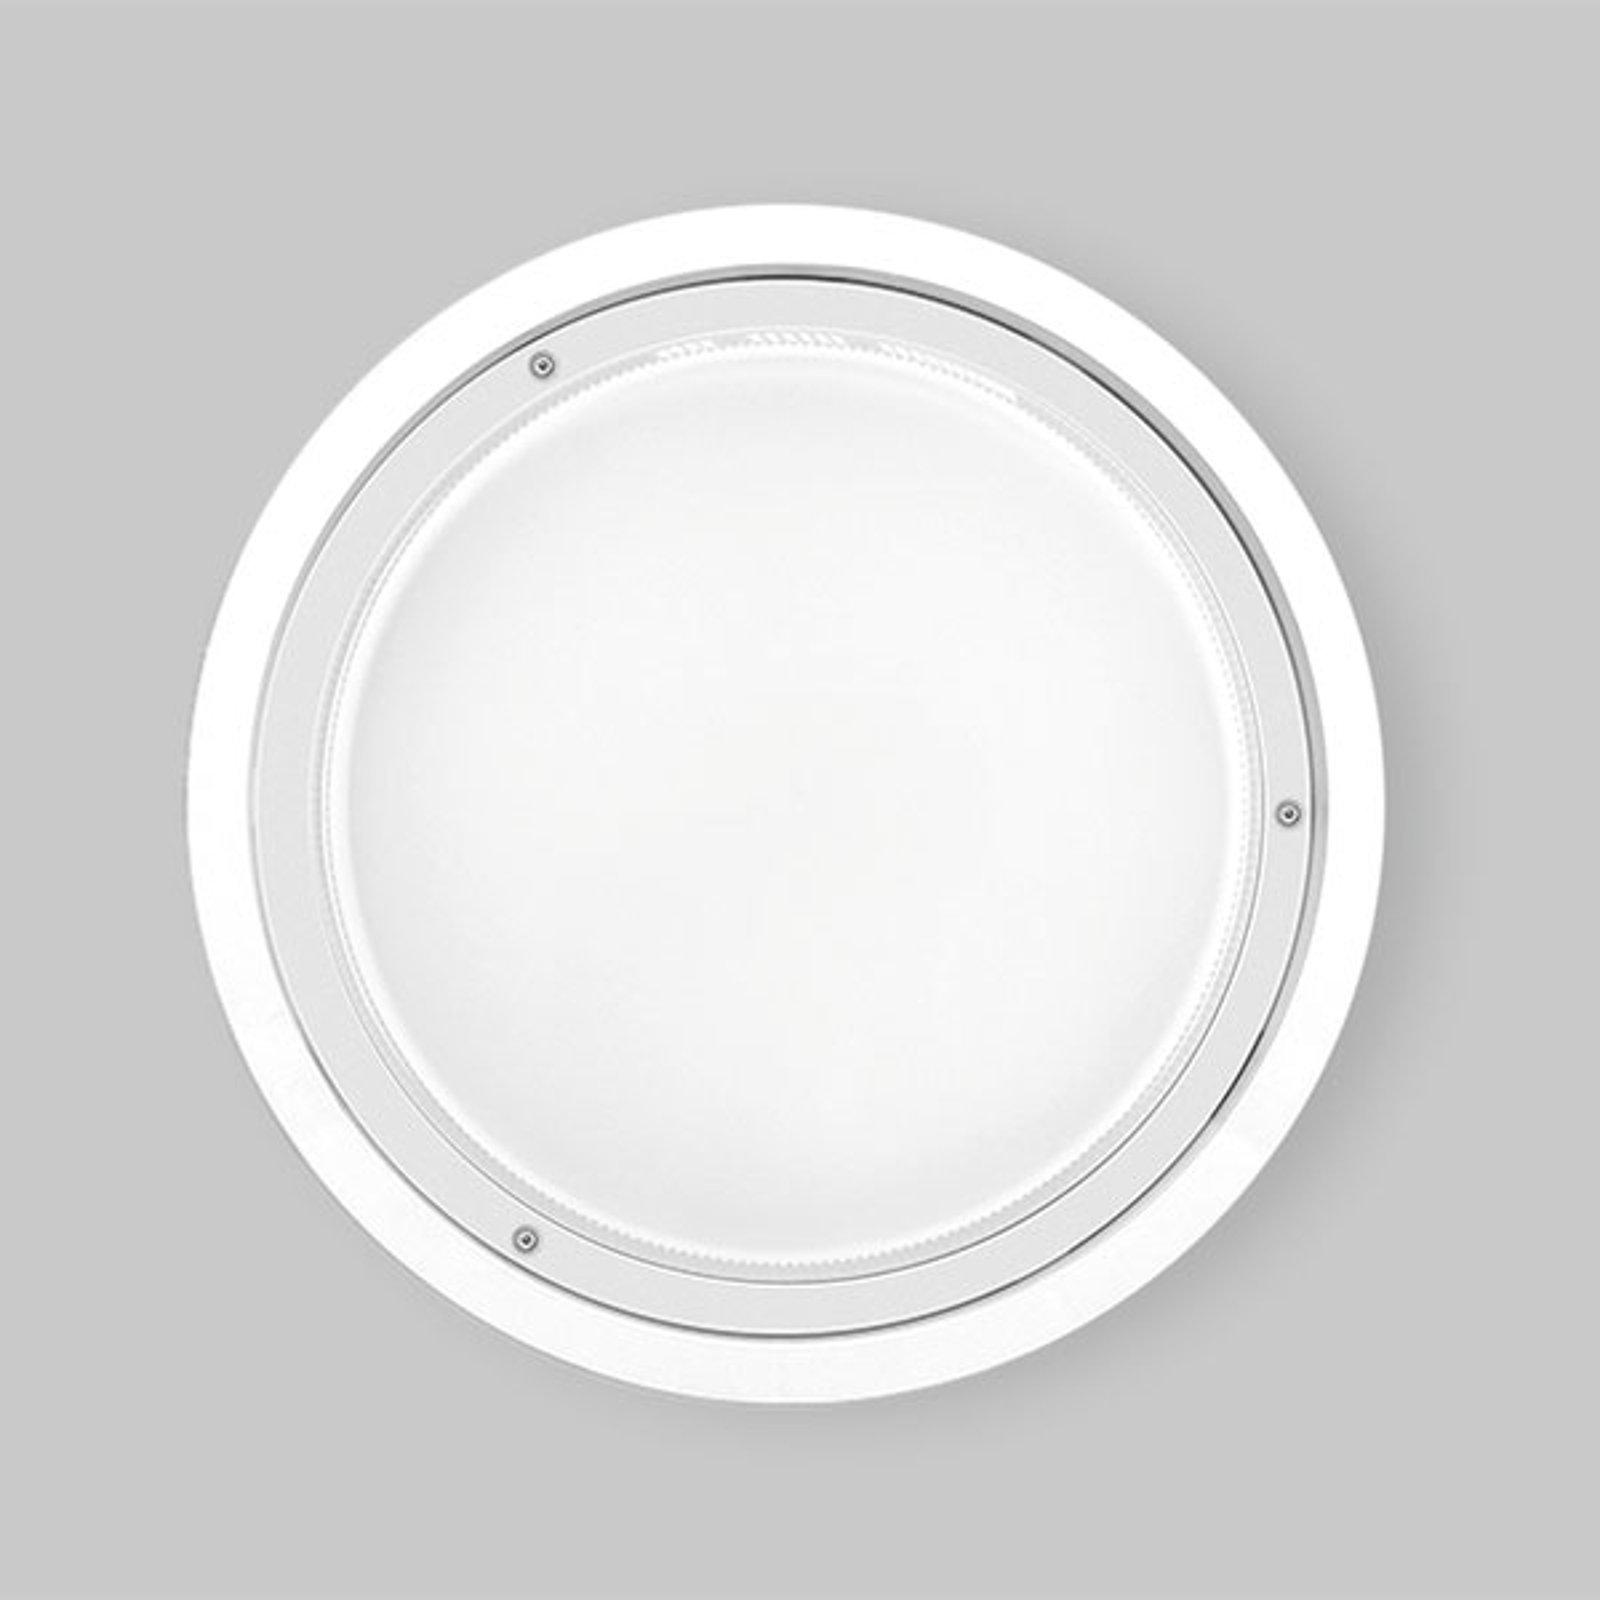 HF-sensor-vegglampe Multi+ 30 PC med LED 3 000 K